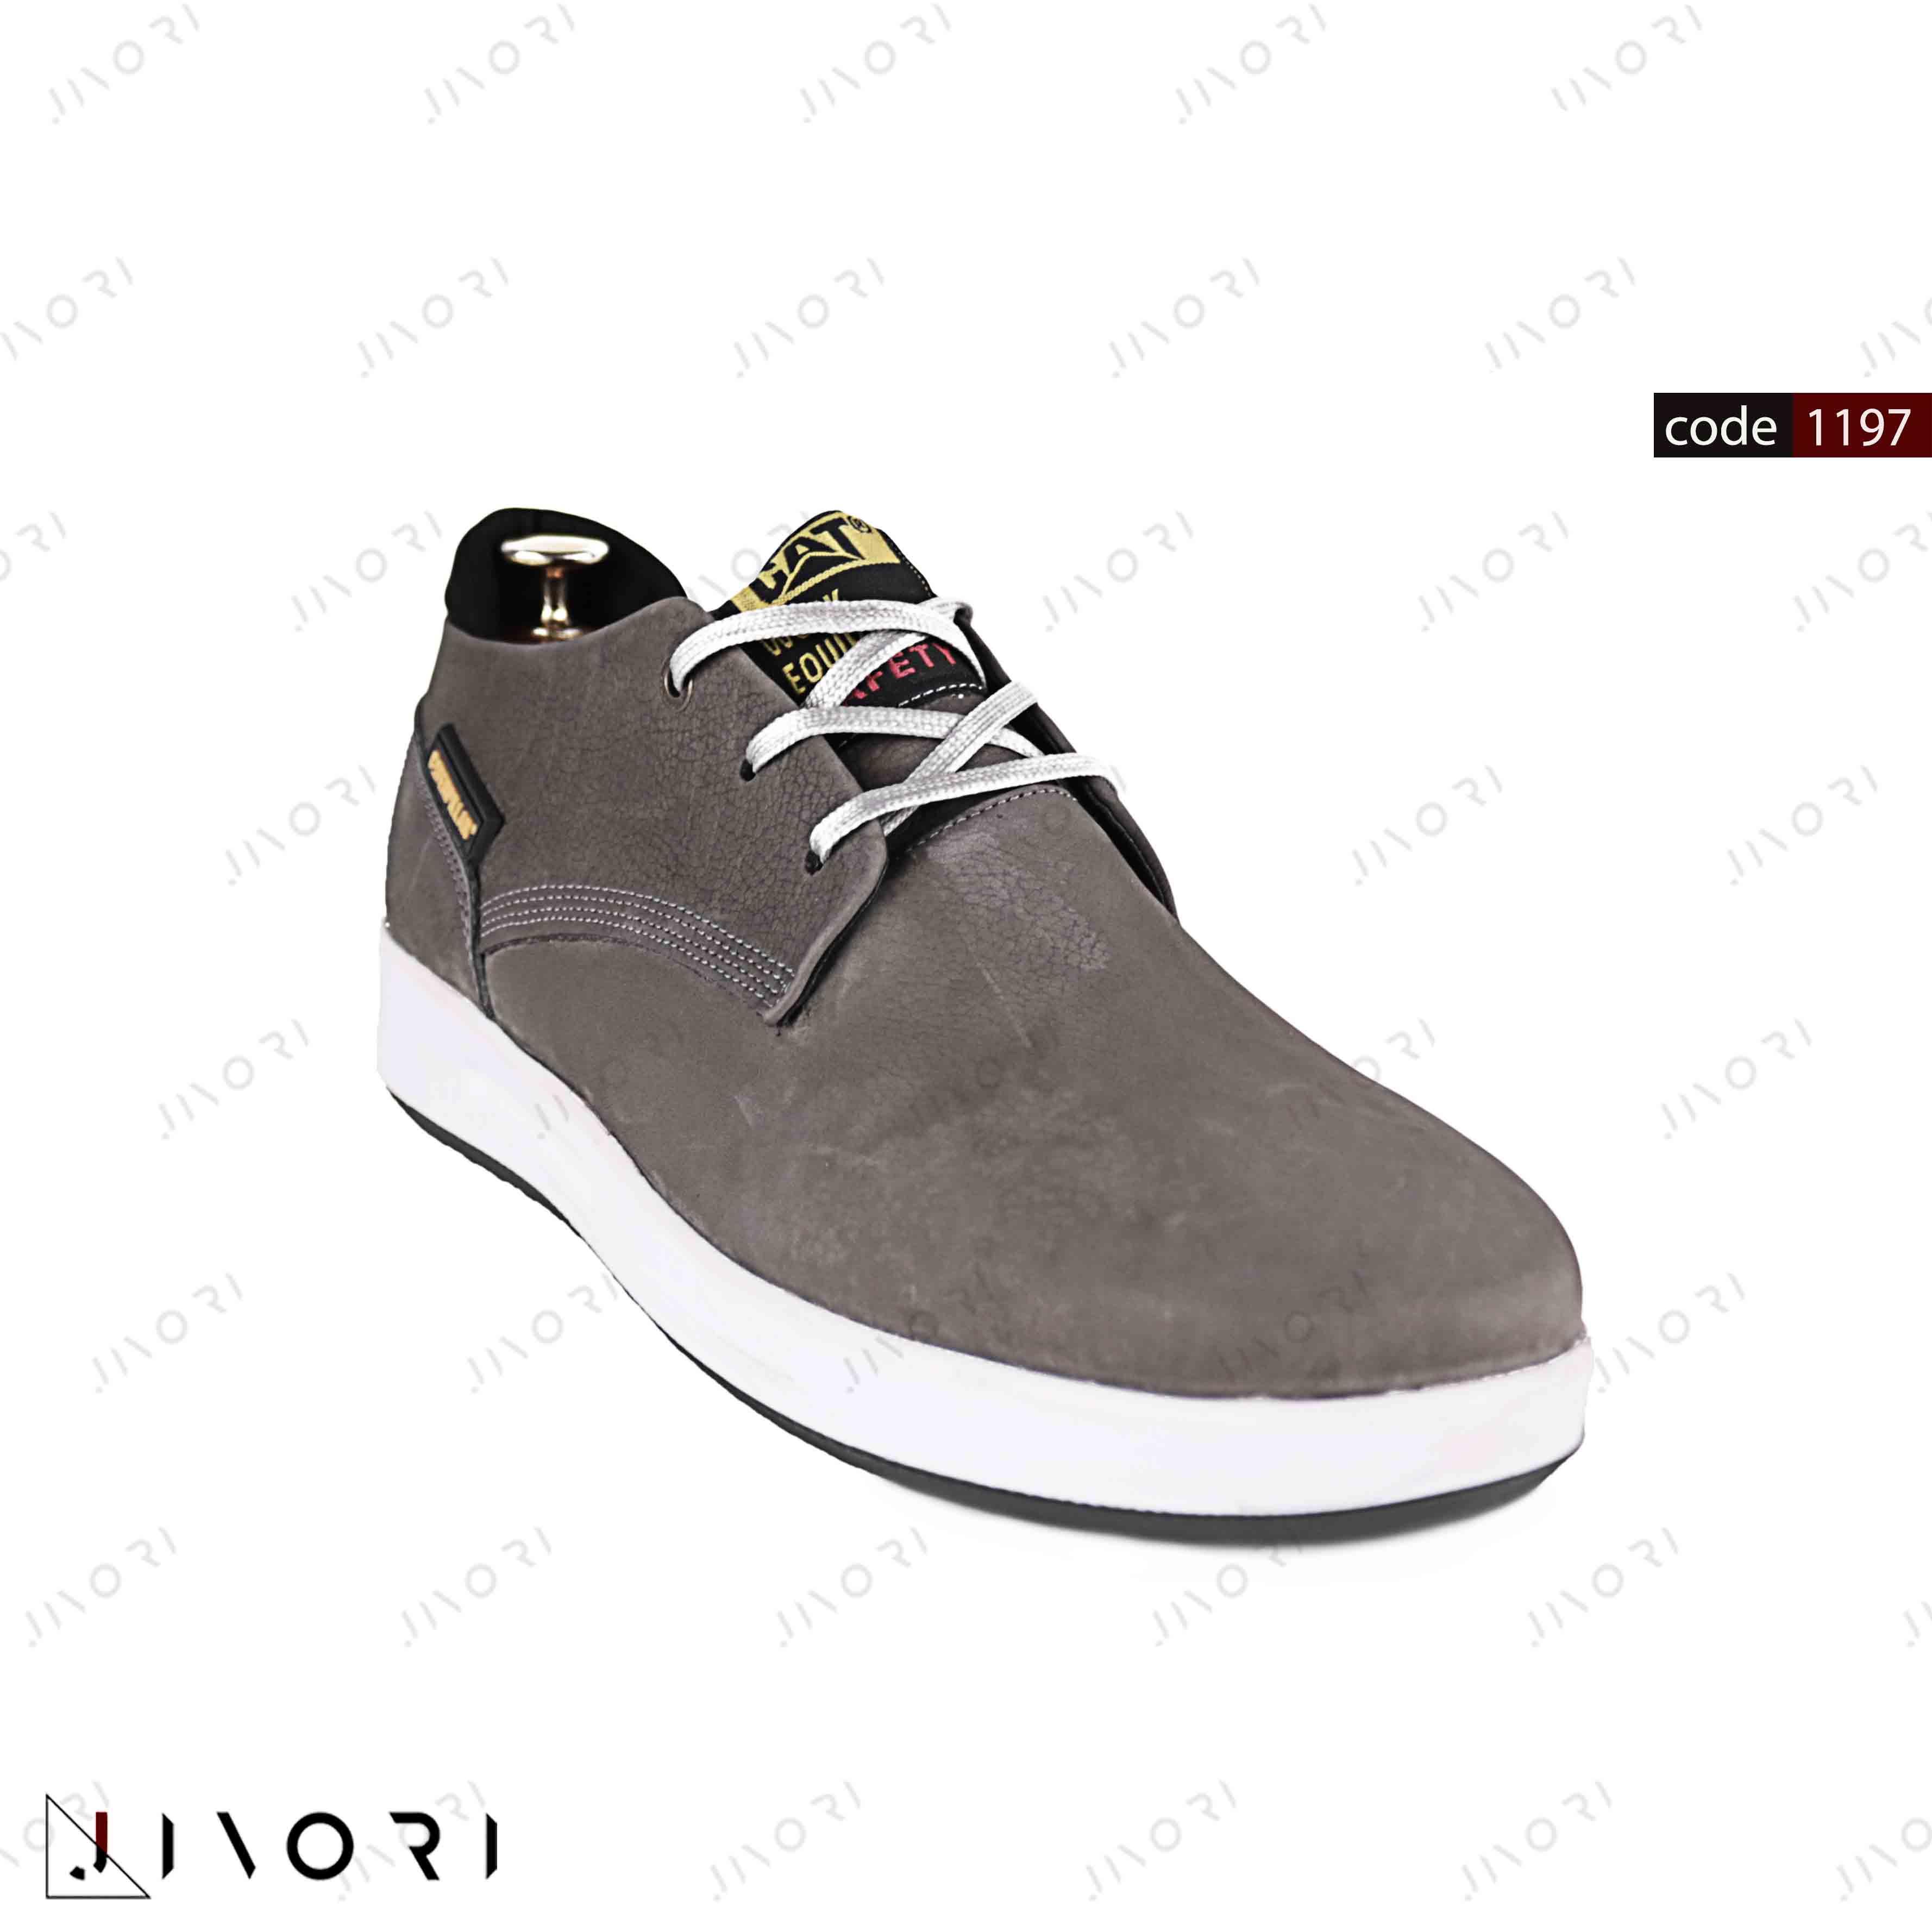 کفش کت مردانه طوسی (1197)